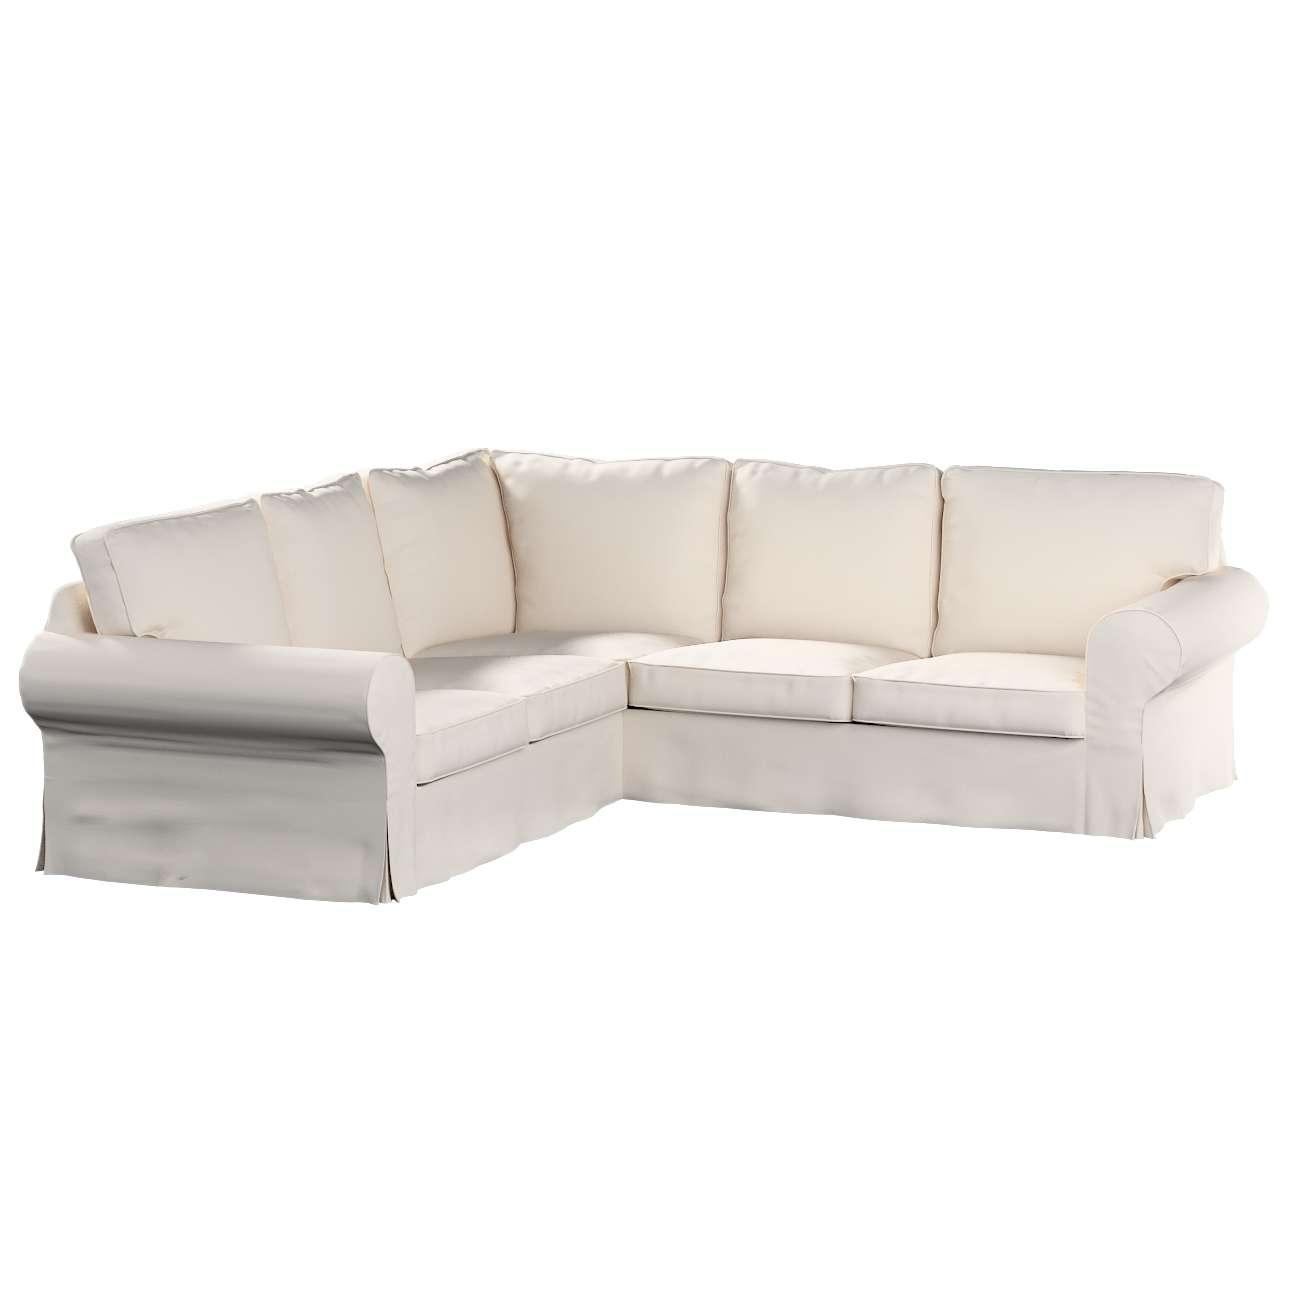 Pokrowiec na sofę Ektorp narożną Sofa Ektorp narożna w kolekcji Etna , tkanina: 705-01